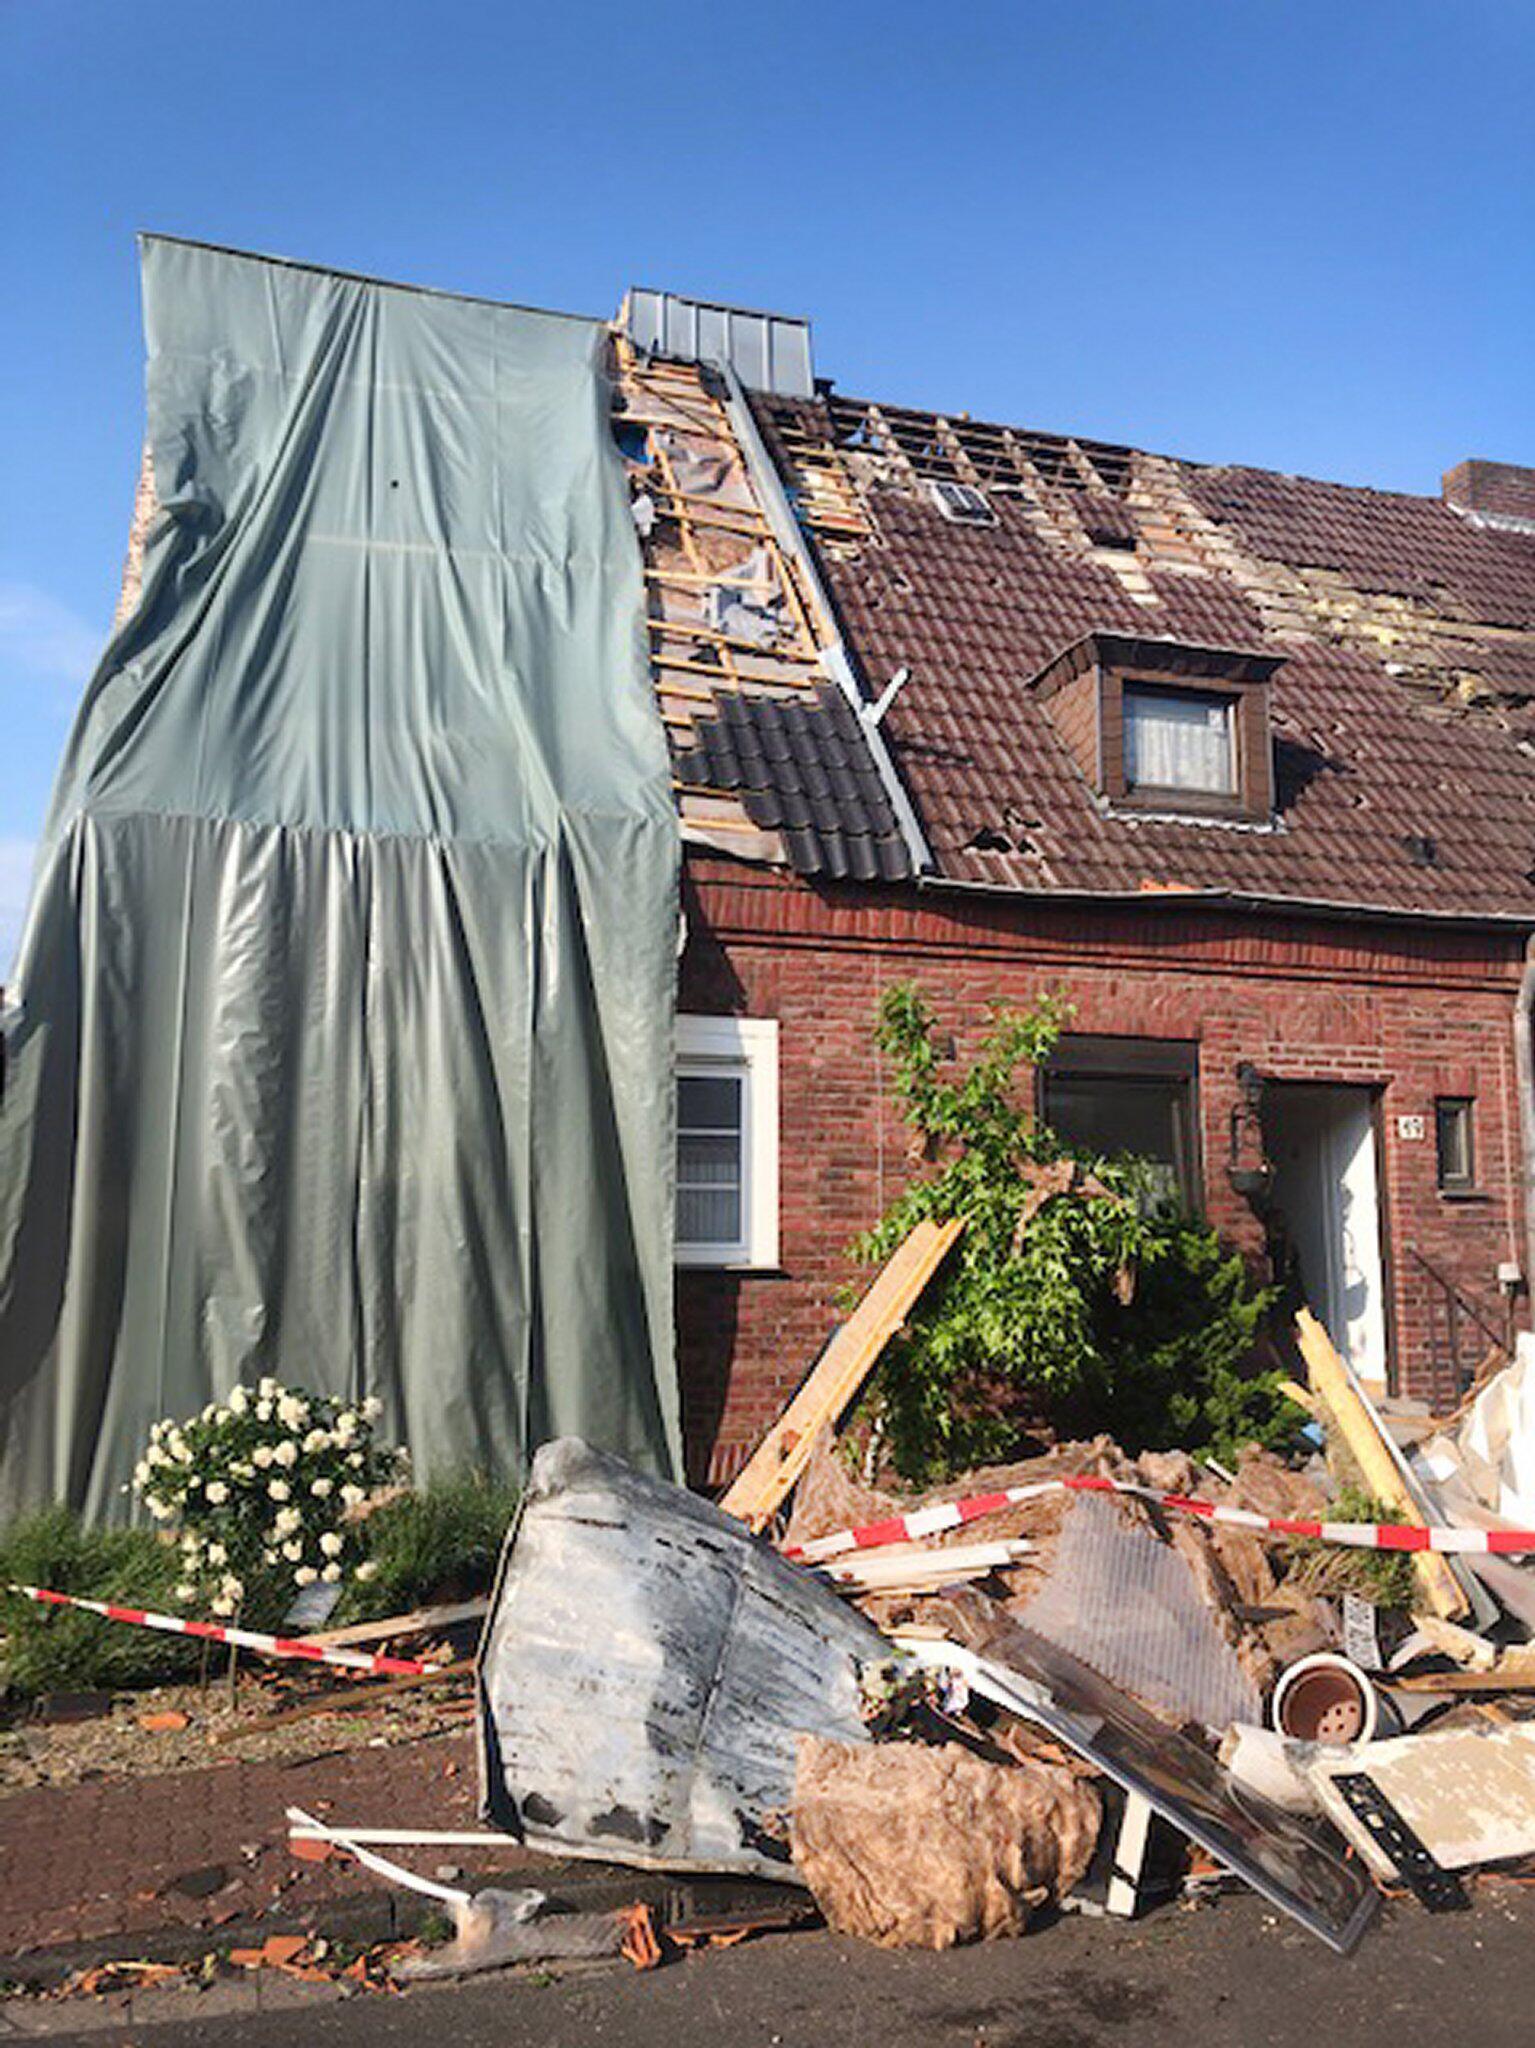 Bild zu Unwetter, Bocholt, Haus, Zerstörung, Wetter, Tornado